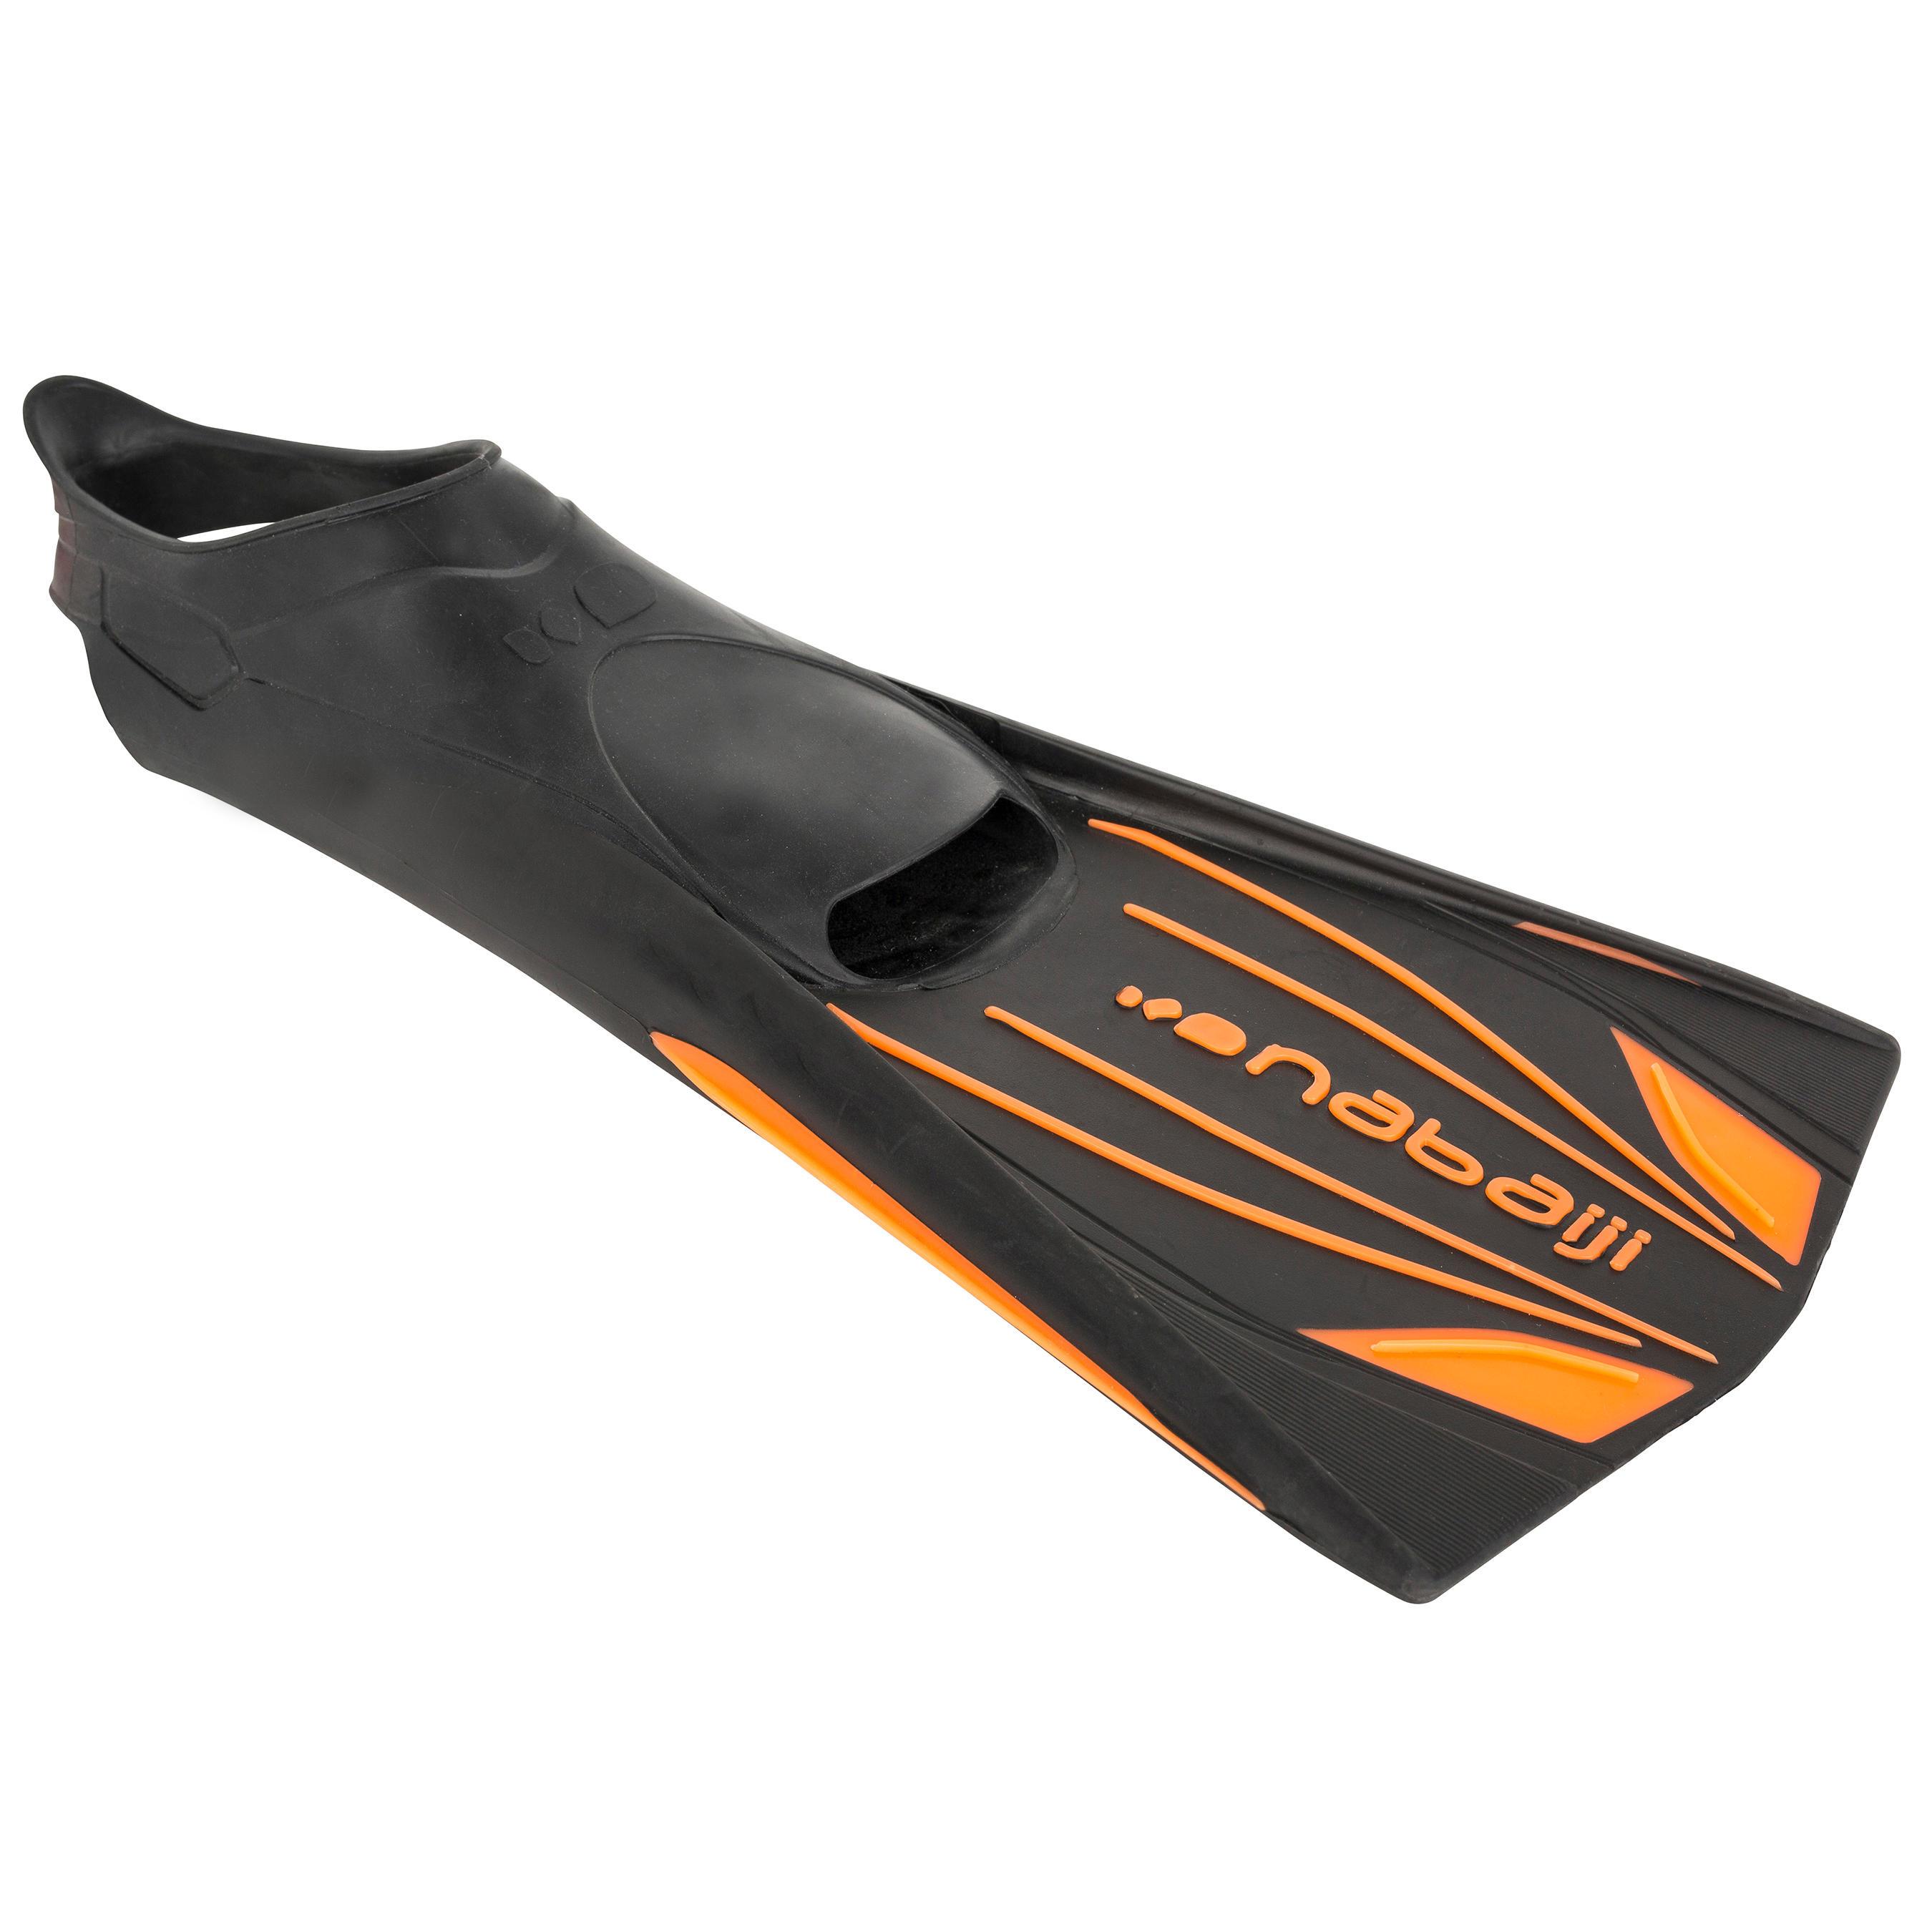 Topfins Long Rigid Swim Fins - Black Orange